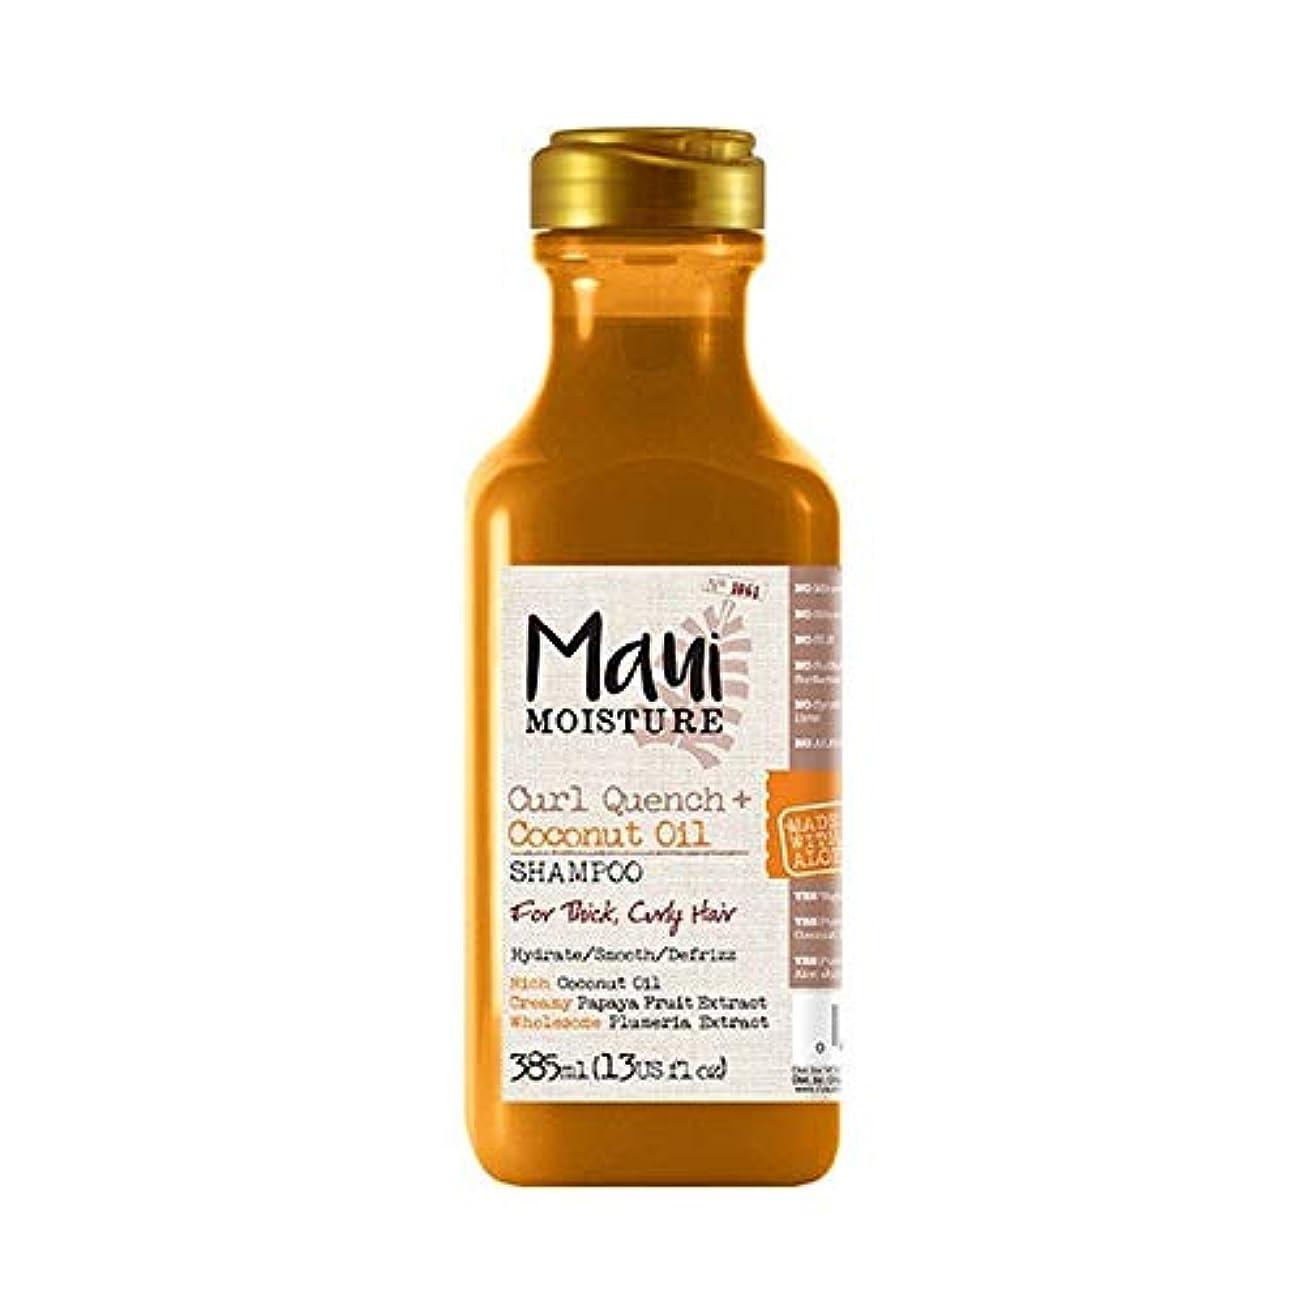 追加する雄大なブリーフケース[Maui Moisture ] マウイ水分カールクエンチ+ココナッツオイルシャンプー - Maui Moisture Curl Quench + Coconut Oil Shampoo [並行輸入品]